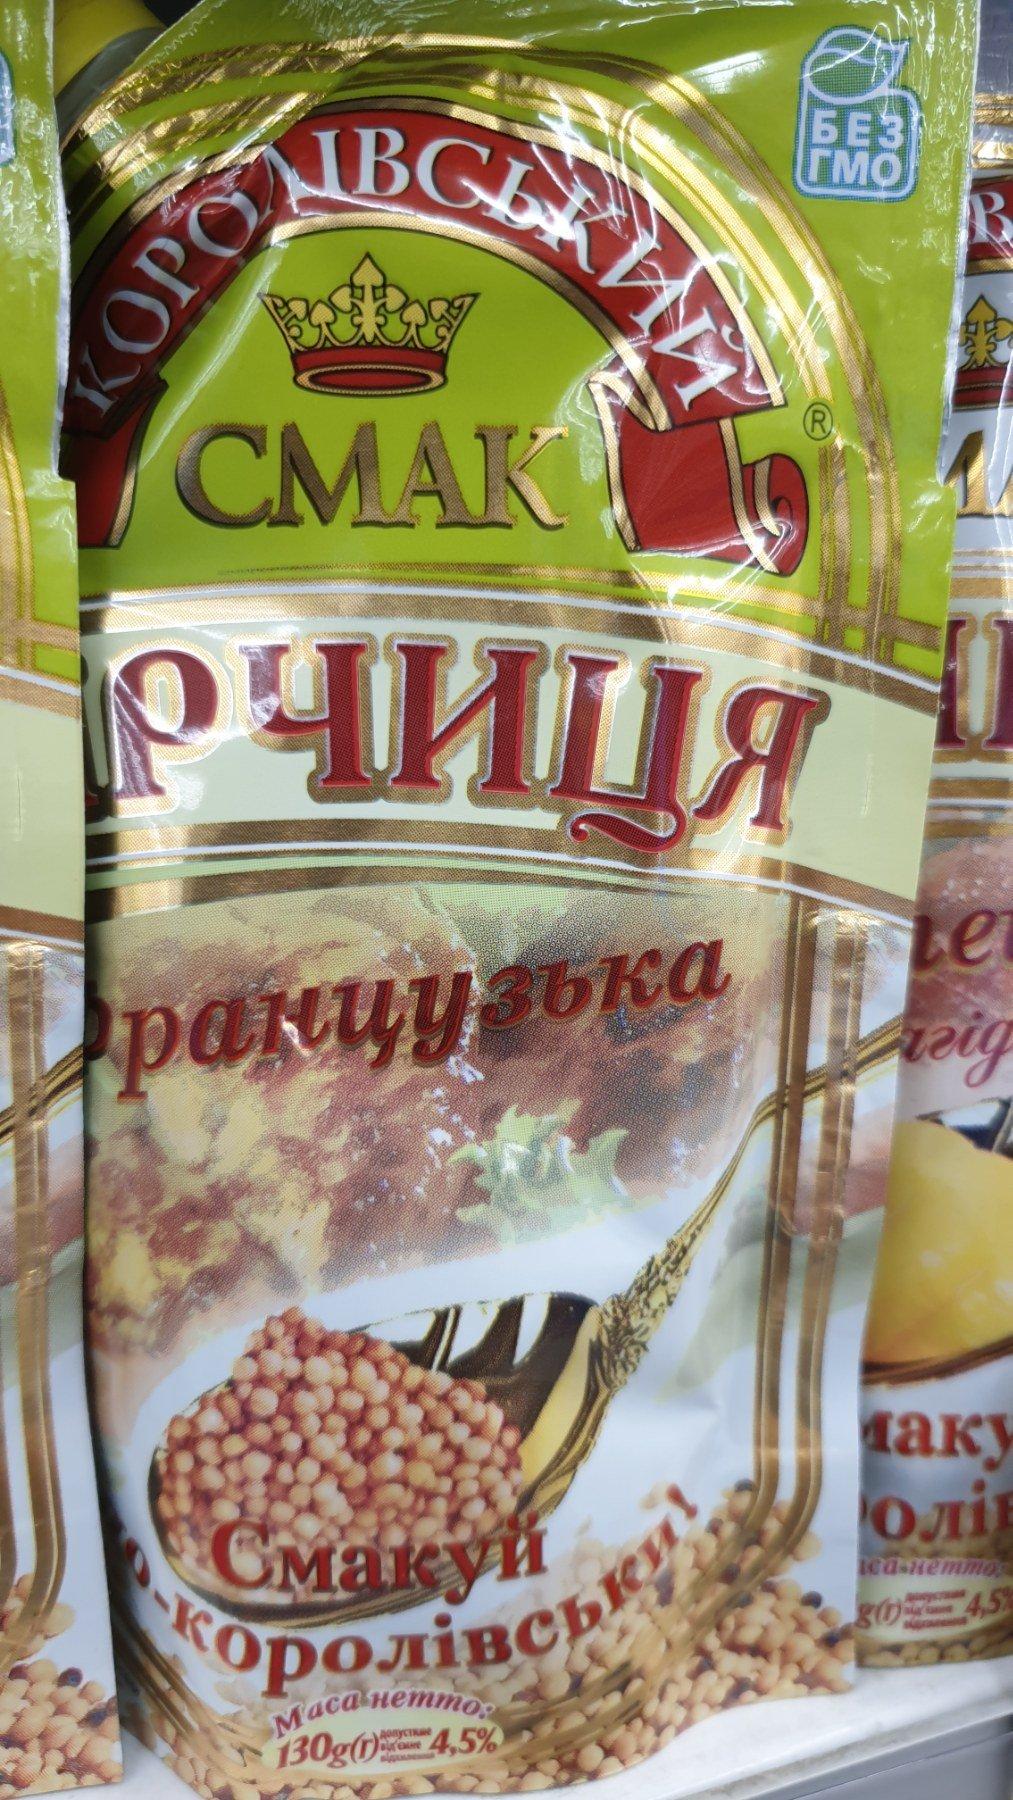 Горчица ТМ Королевский вкус